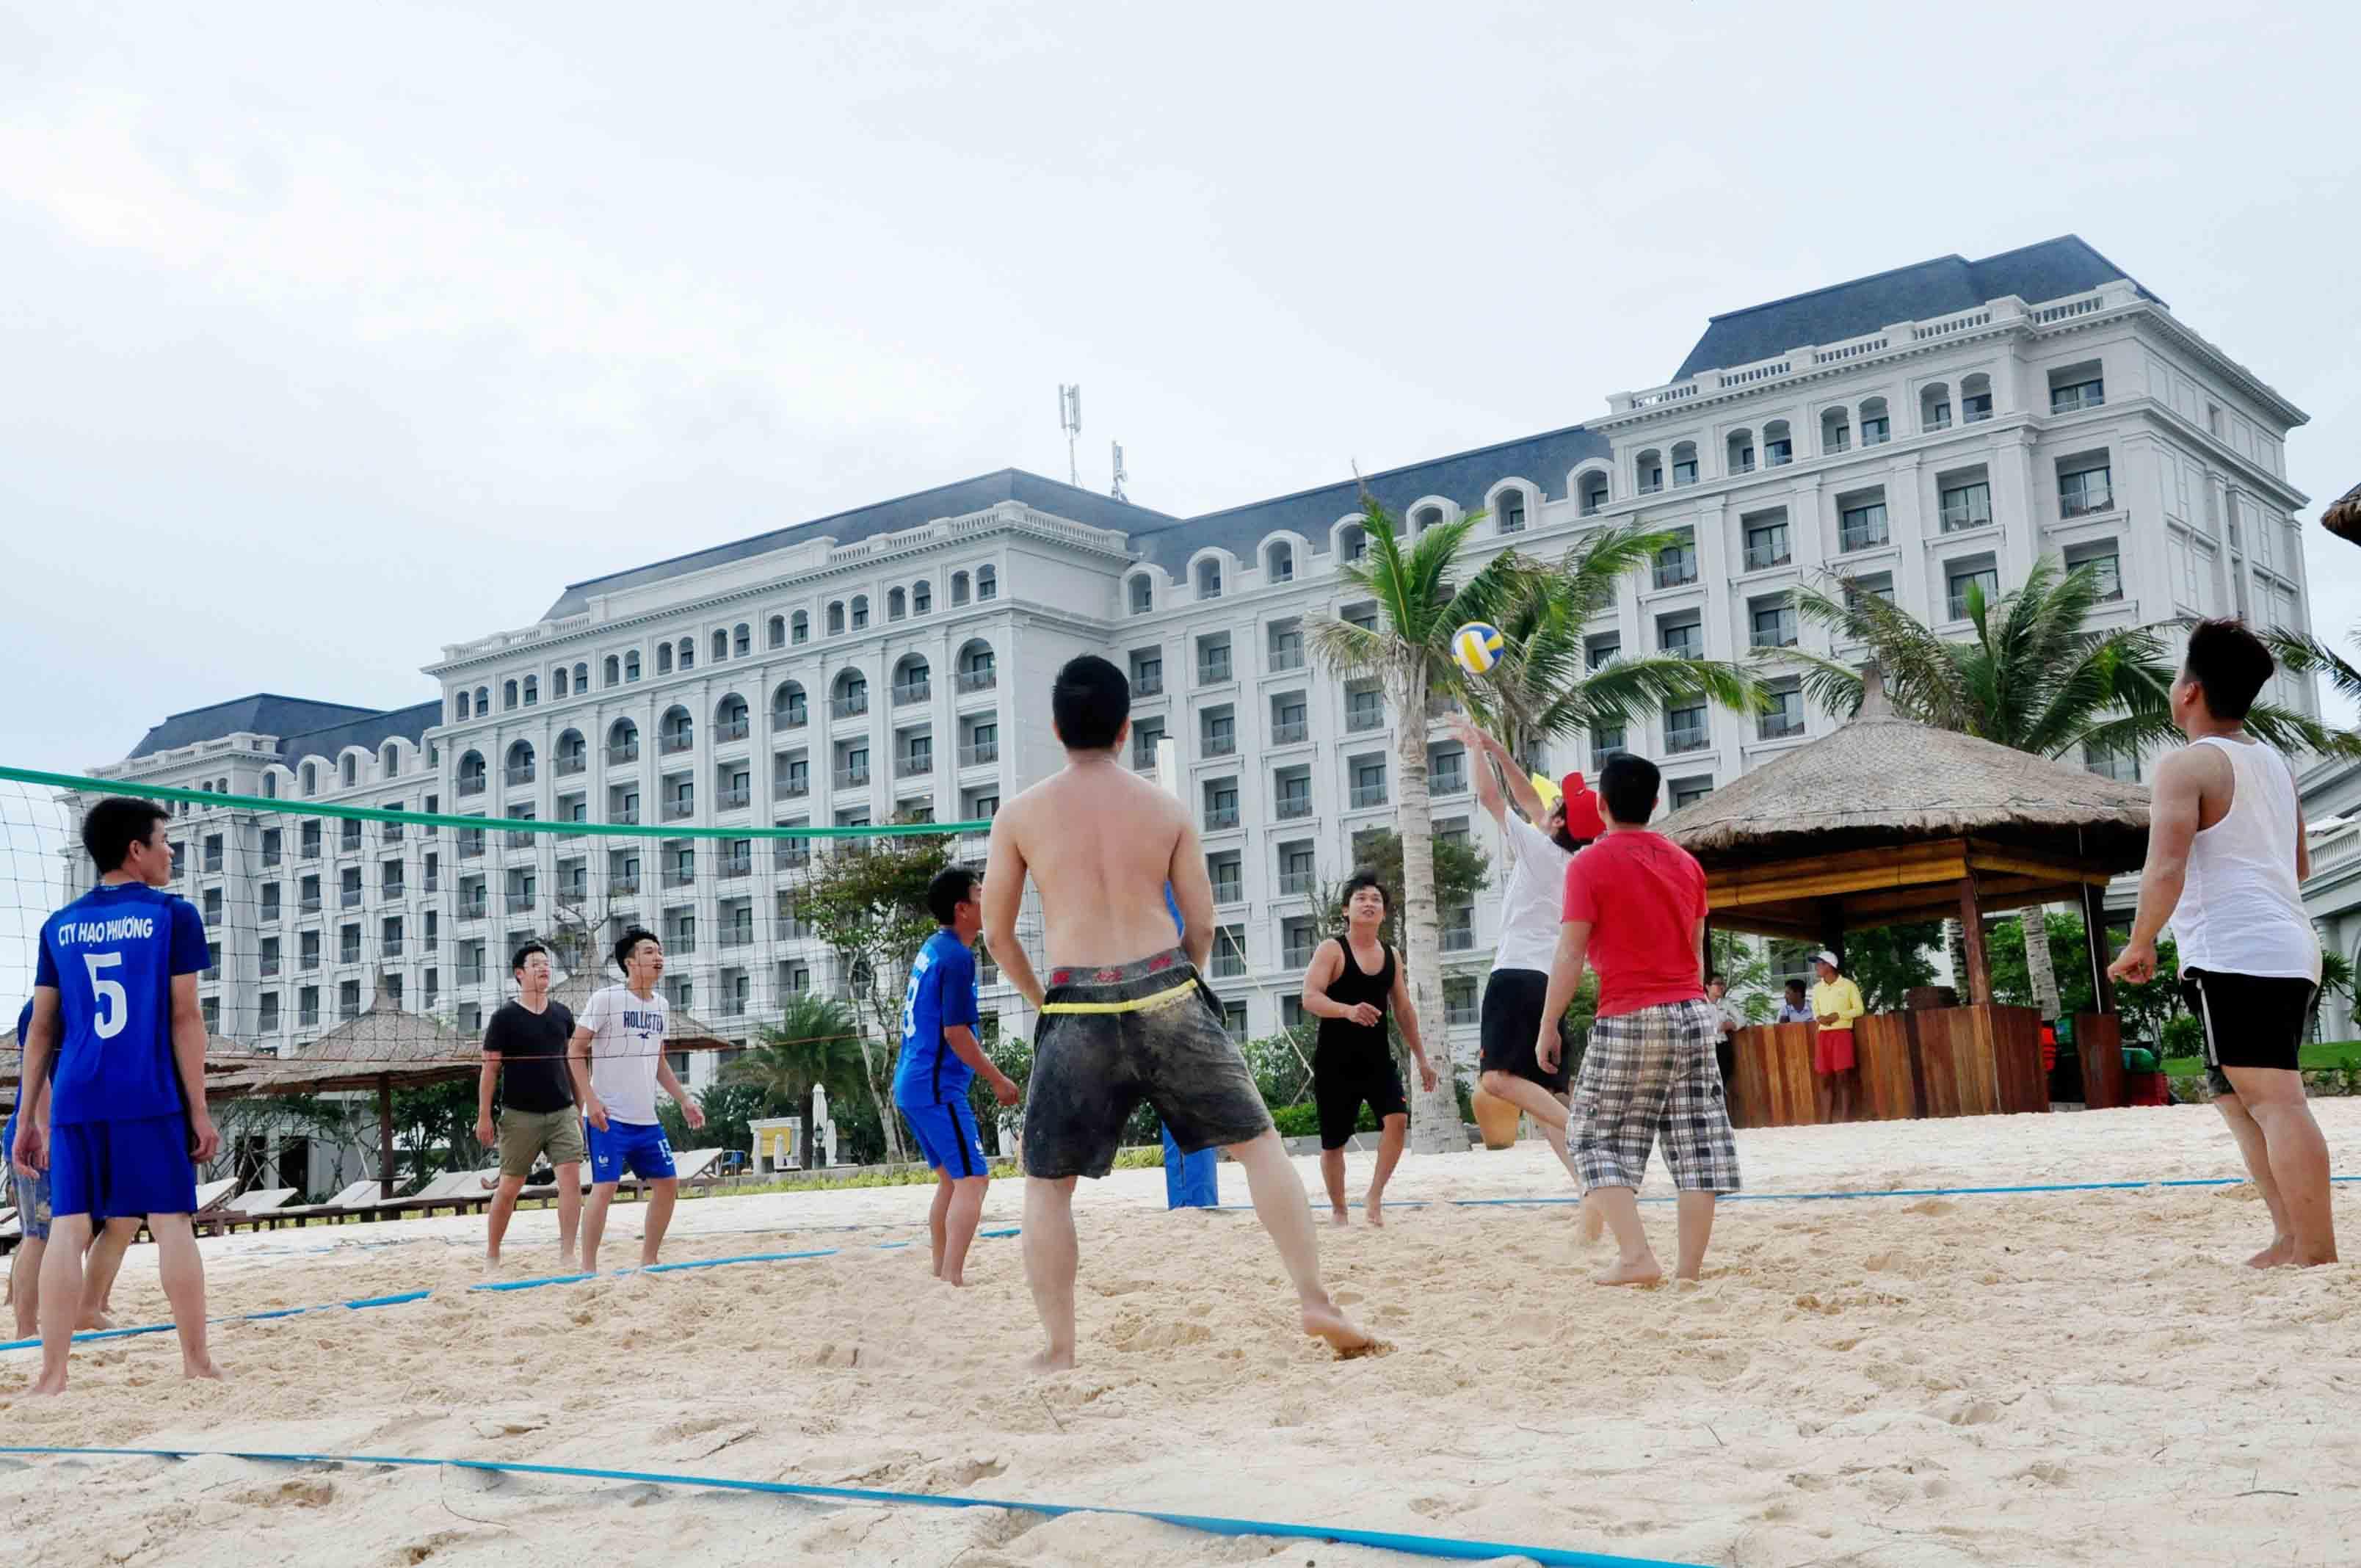 Hạo Phương du lịch nghỉ dưỡng tại Vinpearl Phú Quốc, ảnh 4